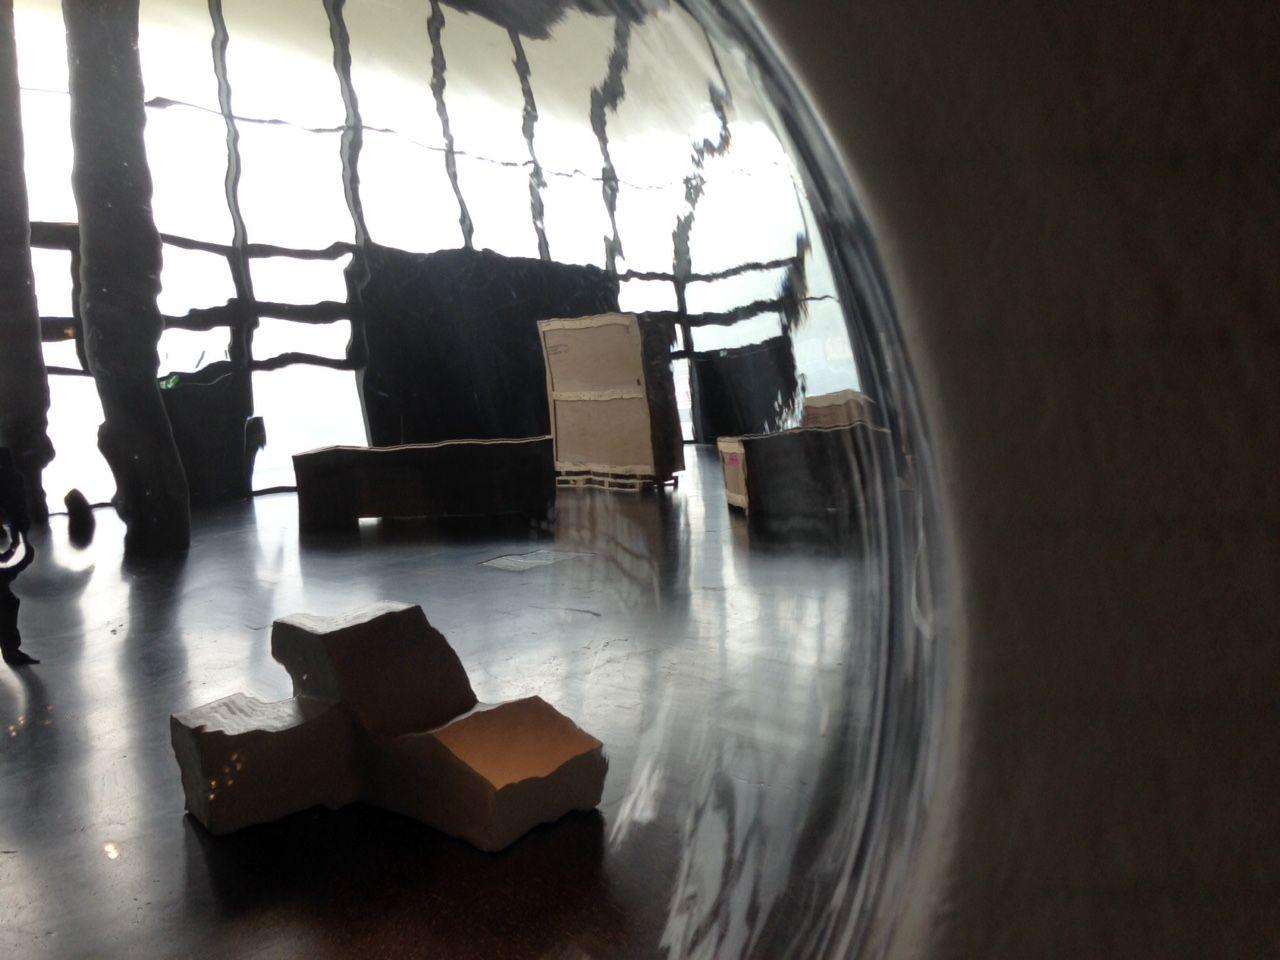 Van Tetterode Glass Studio makes glass bubble for AVL Poolhouse